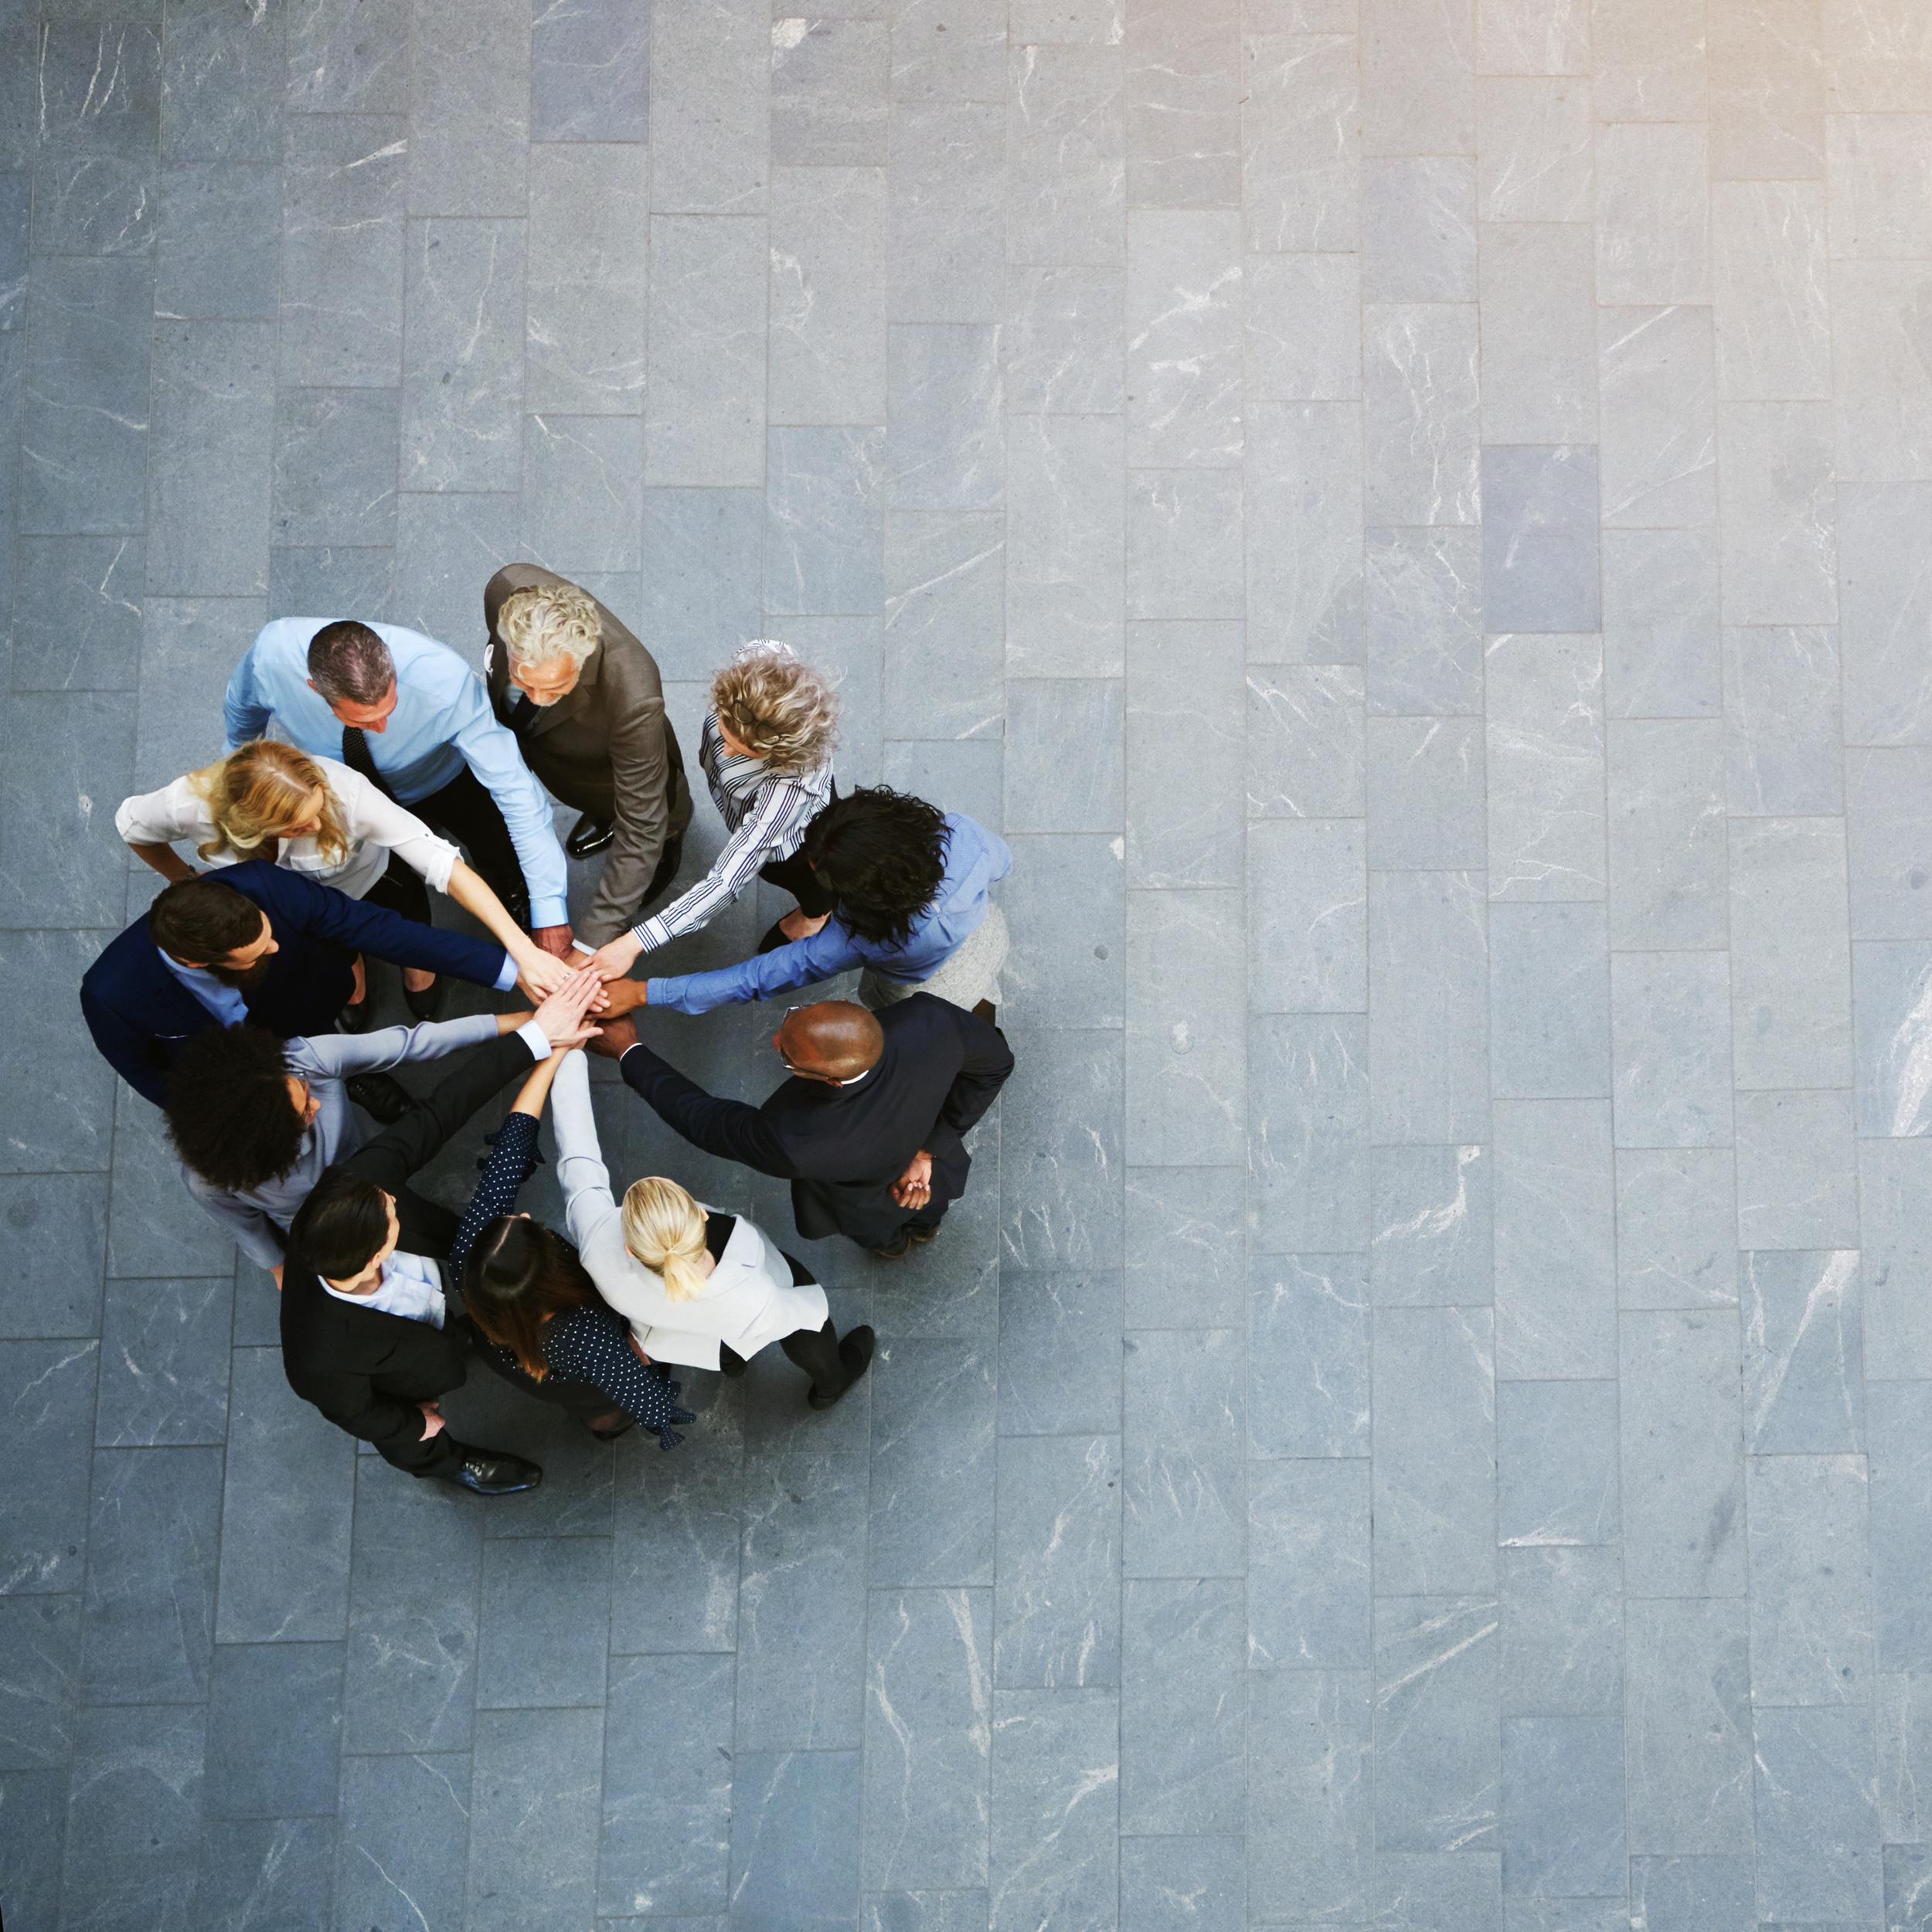 Et systemisk perspektiv på lederutvikling - Ledelse skjer alltid i en kontekst. Vårt fokus i lederutvikling er bredere enn den enkelte leders agenda eller karriere. Vi involverer systemet rundt leder i våre utviklingsprosesser. Jobbrelatert for- og etterarbeid er integrert i samtlige av våre kurs. Vi vet at bedrifter investerer i lederutvikling fordi leders kapasitet har enorm betydning for resultater, bedriftskultur og ansattes trivsel. God lederutvikling løfter hele organisasjonen.